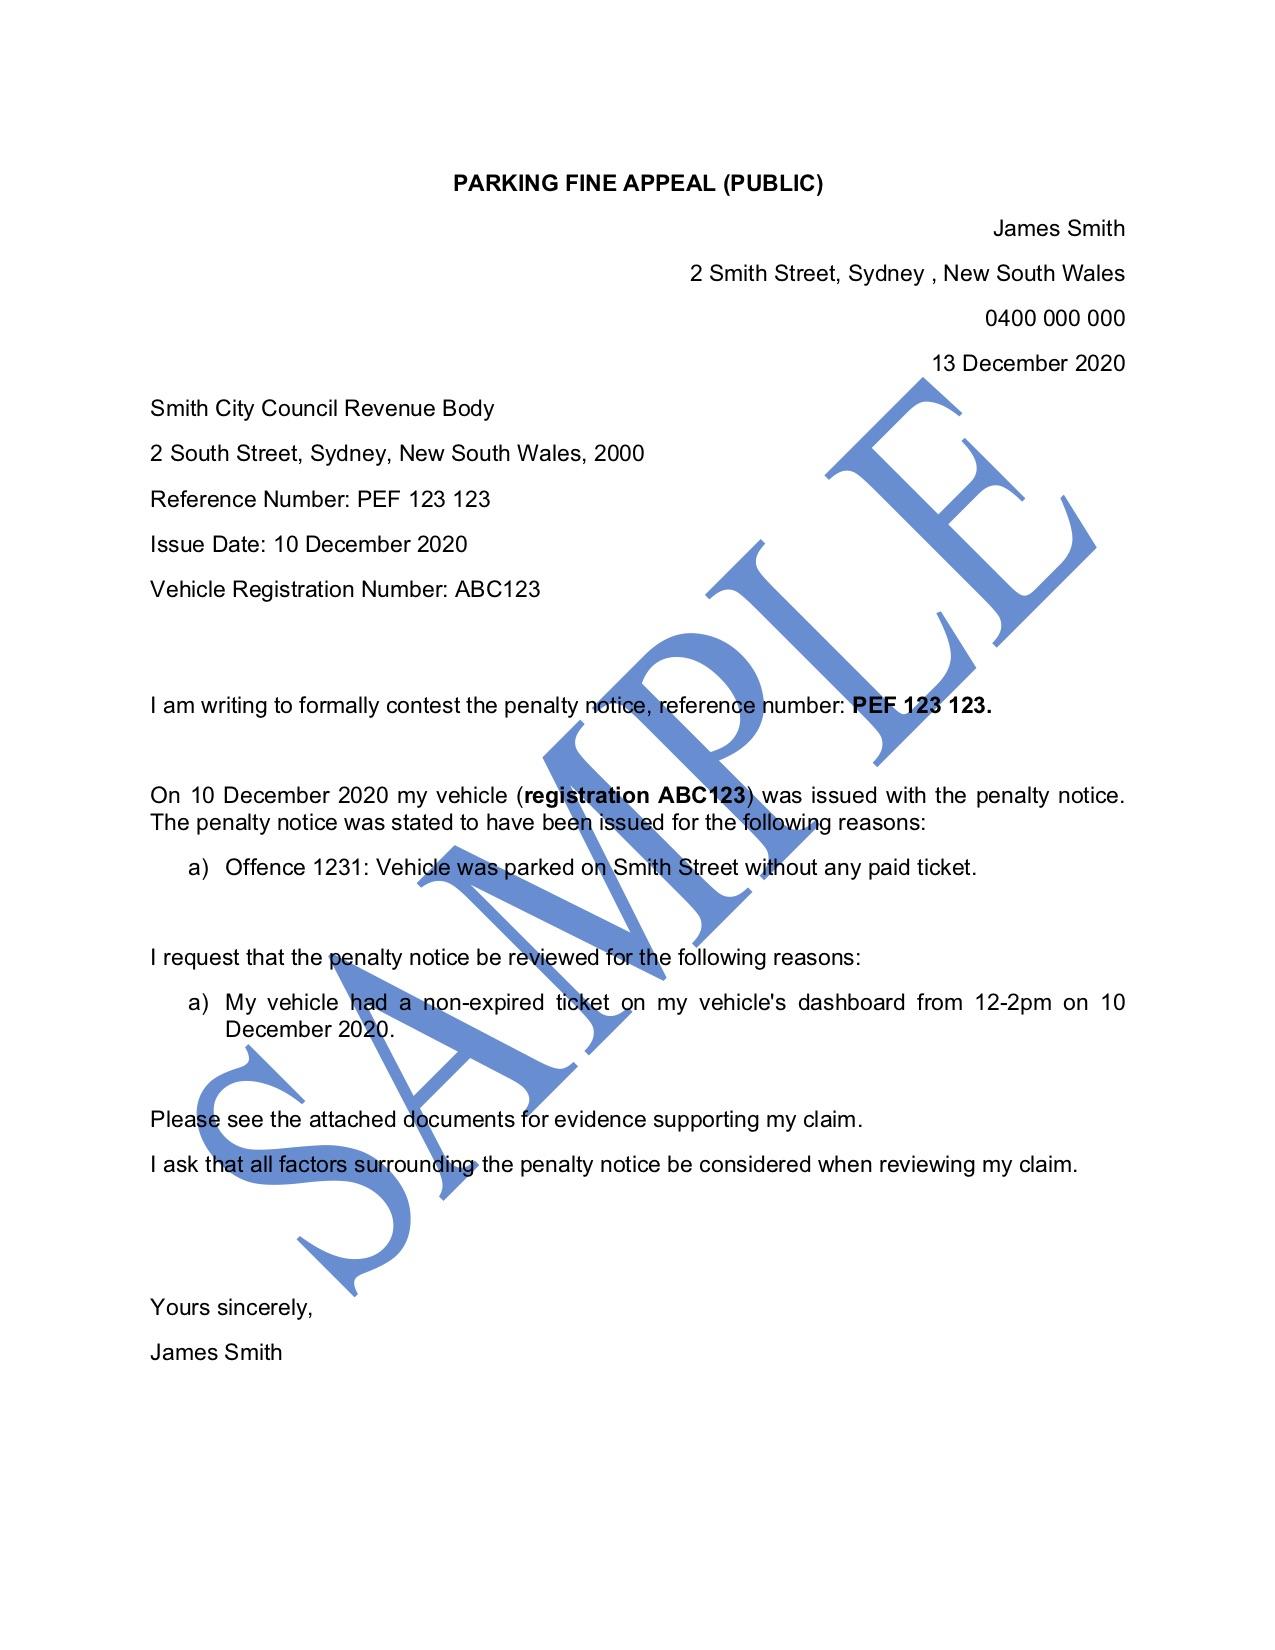 Parking Fine Appeal Letter